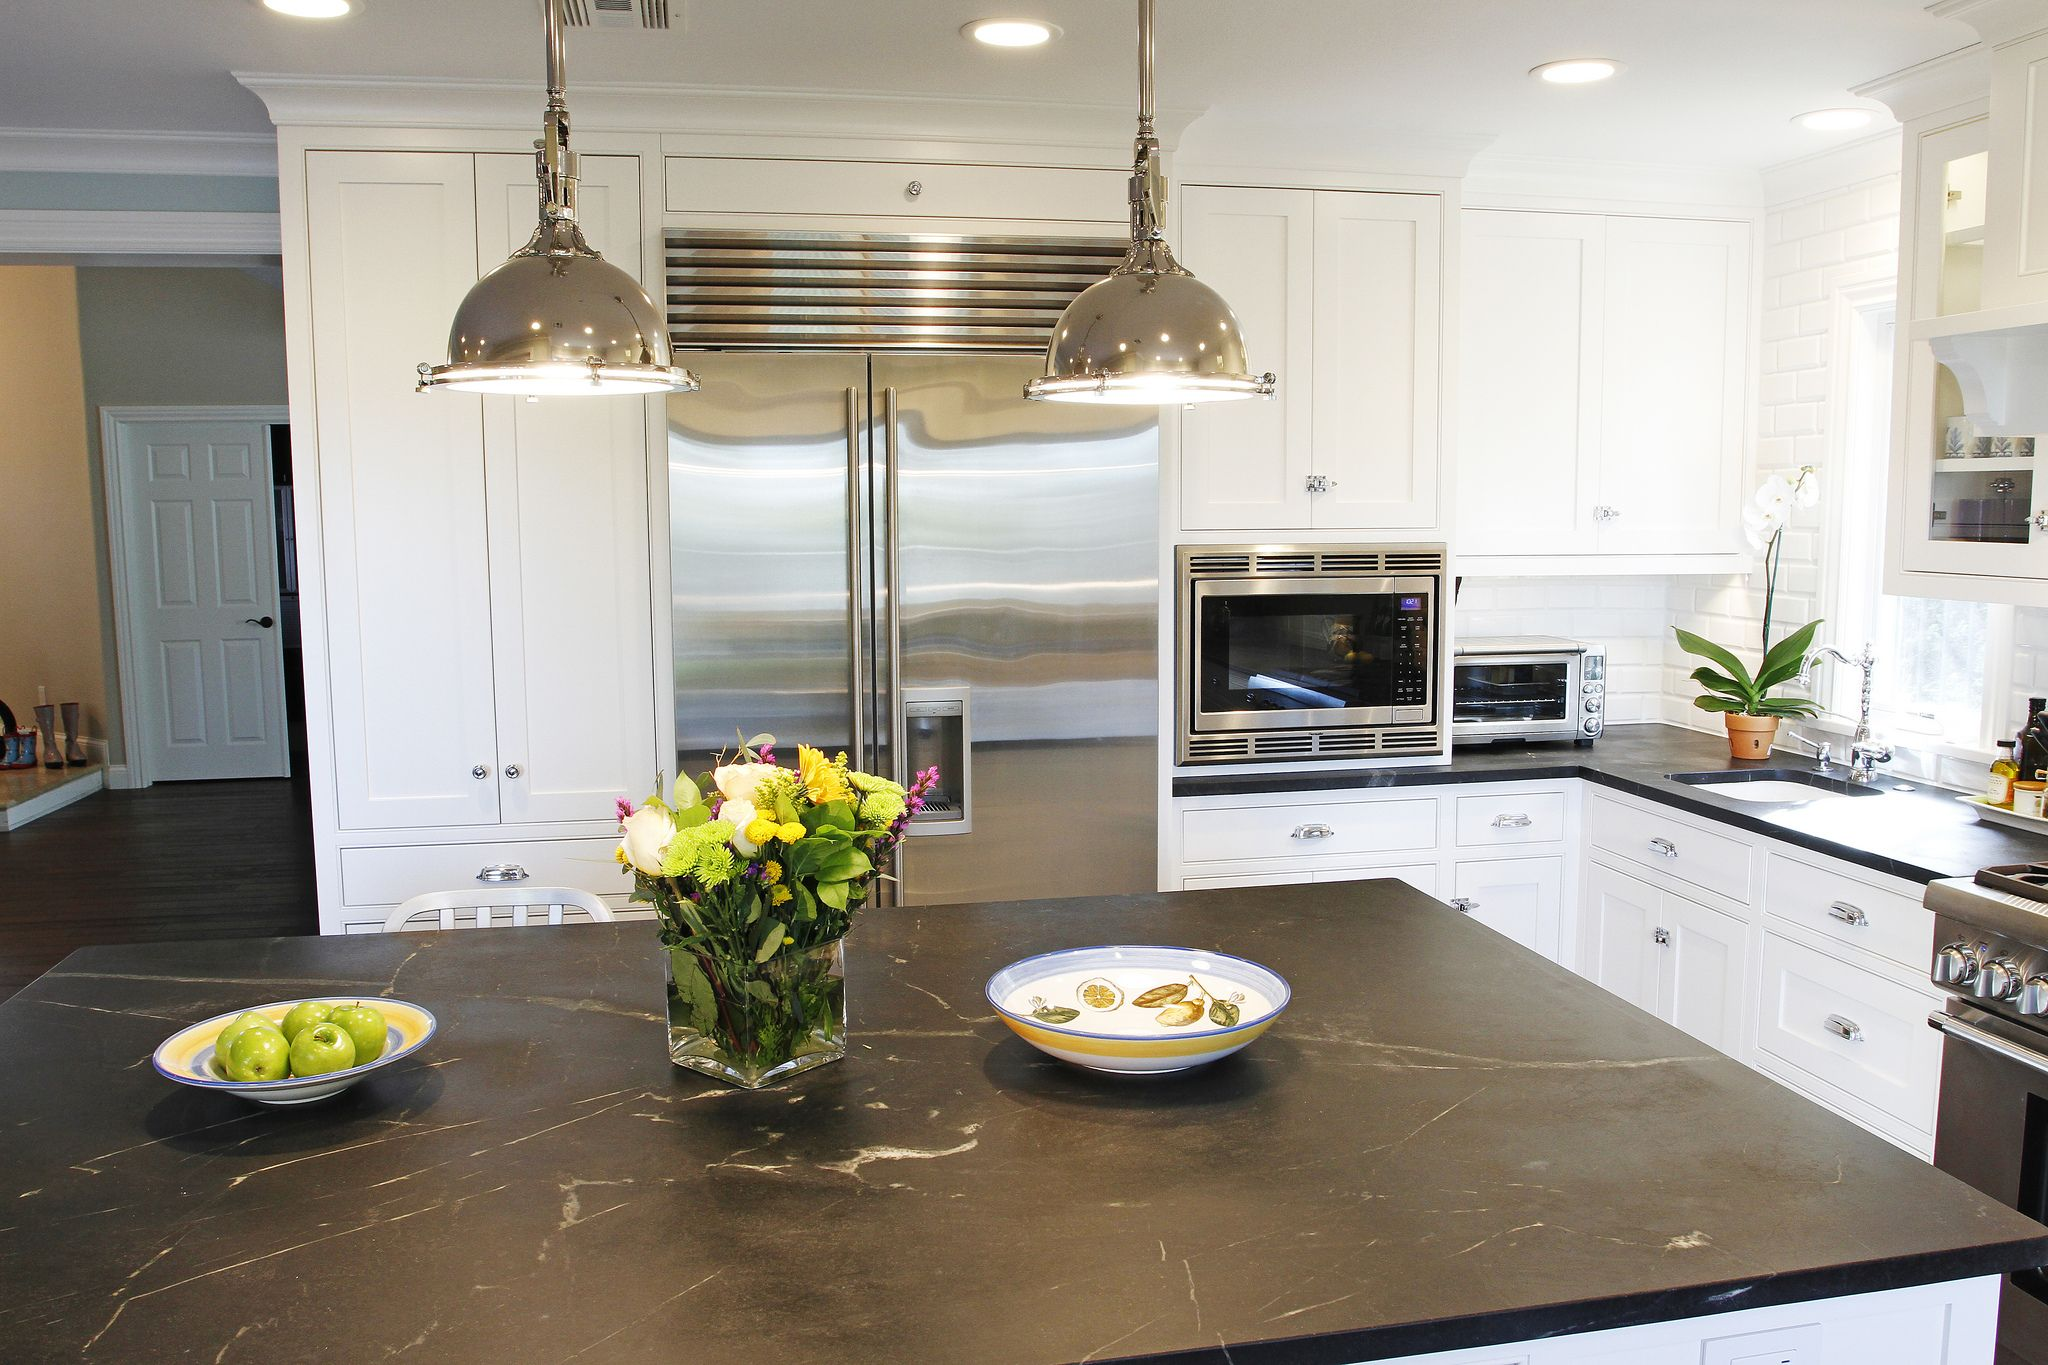 35 Laguna Hills Kitchen Remodel Kitchen Remodel